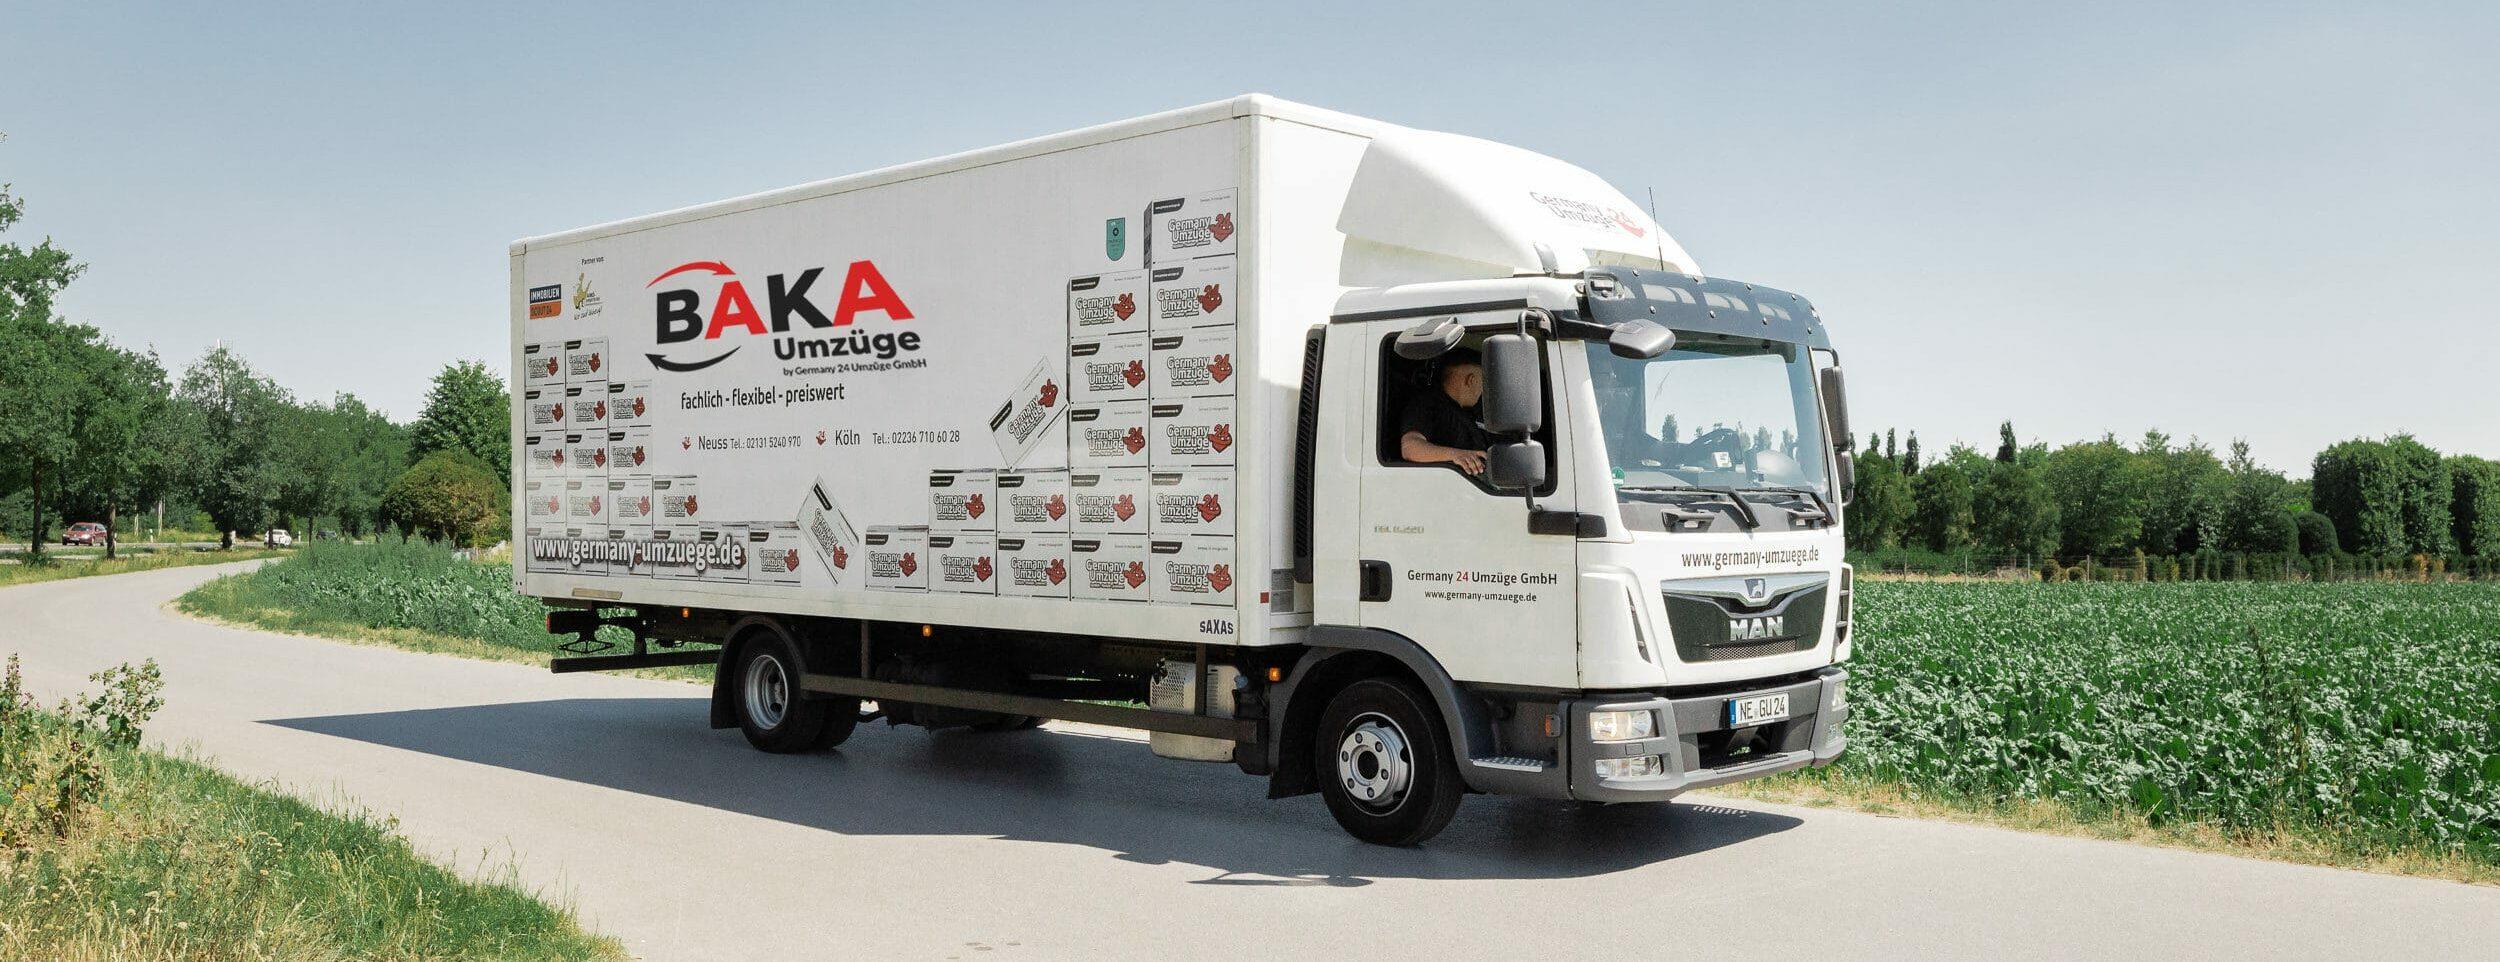 Umzüge in Köln mit dem Baka Team